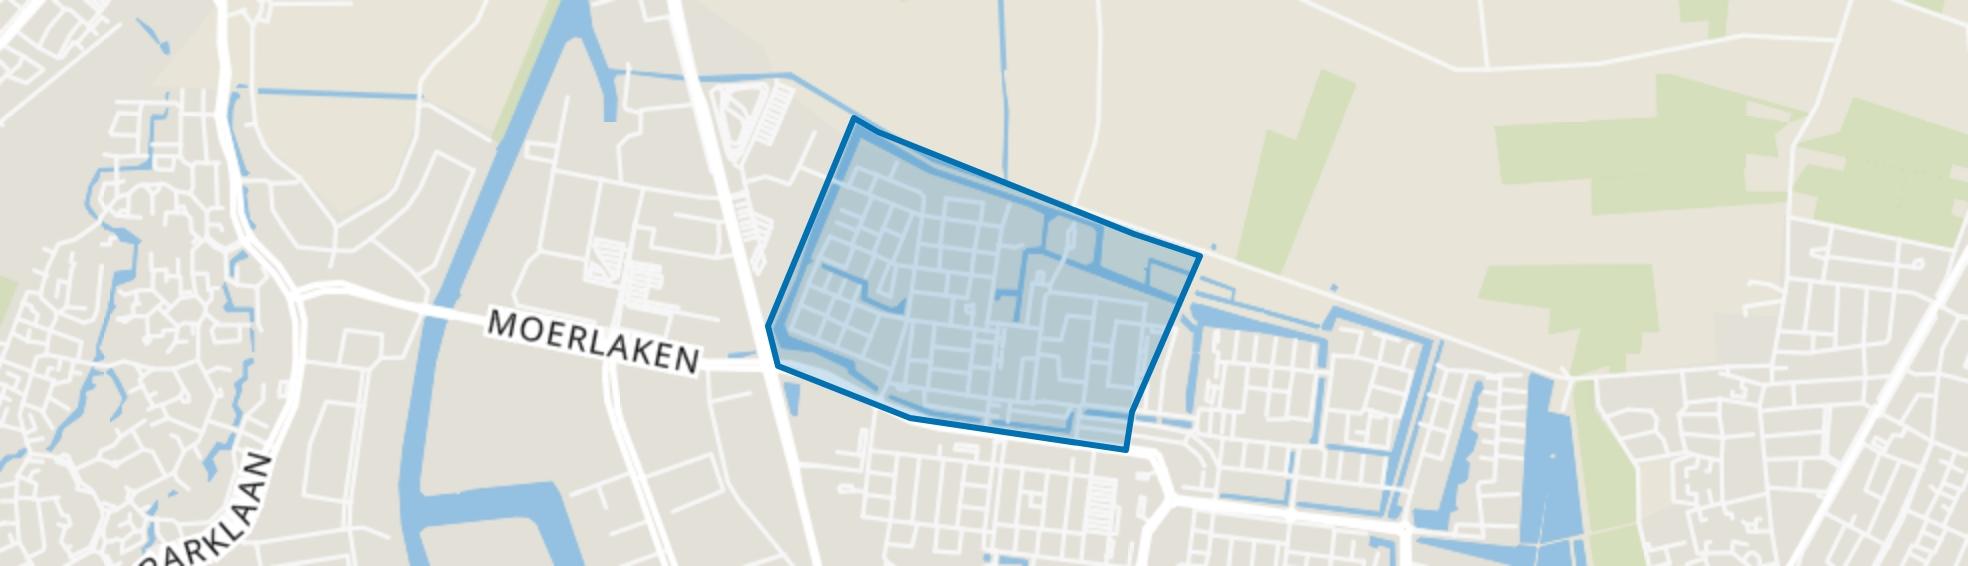 Wisselaar, Breda map